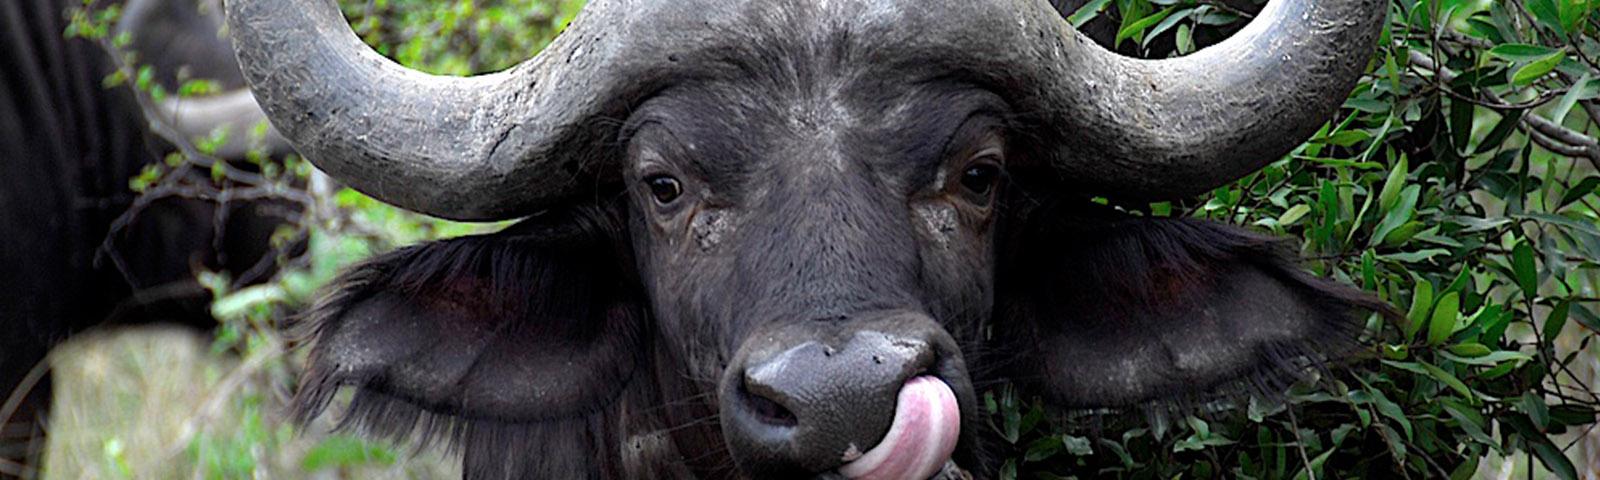 burack-buffalo-stare